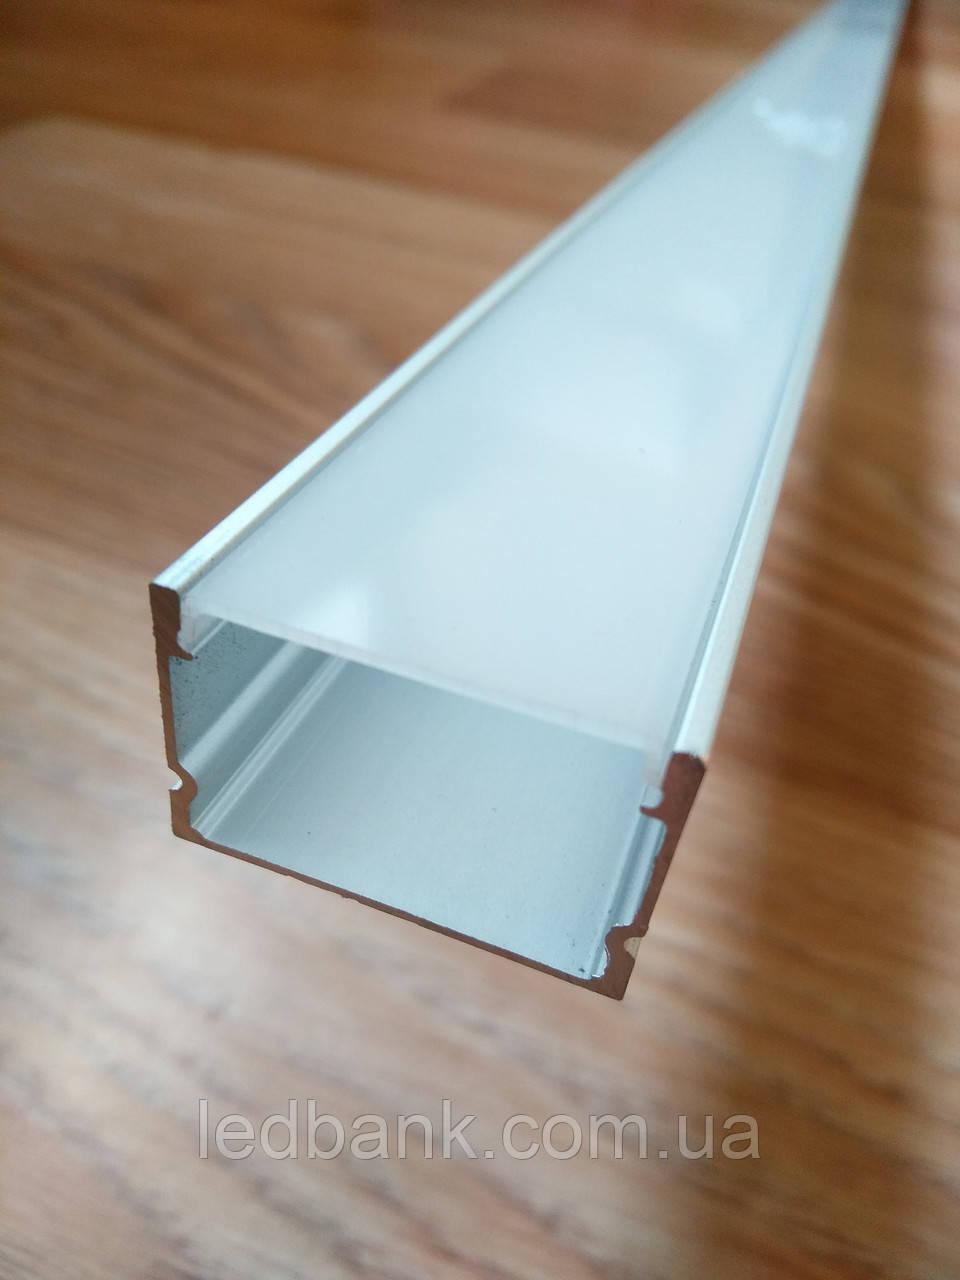 Профиль алюминиевый ЛП20 20х30 анодированный (планка 2м) + рассеиватель